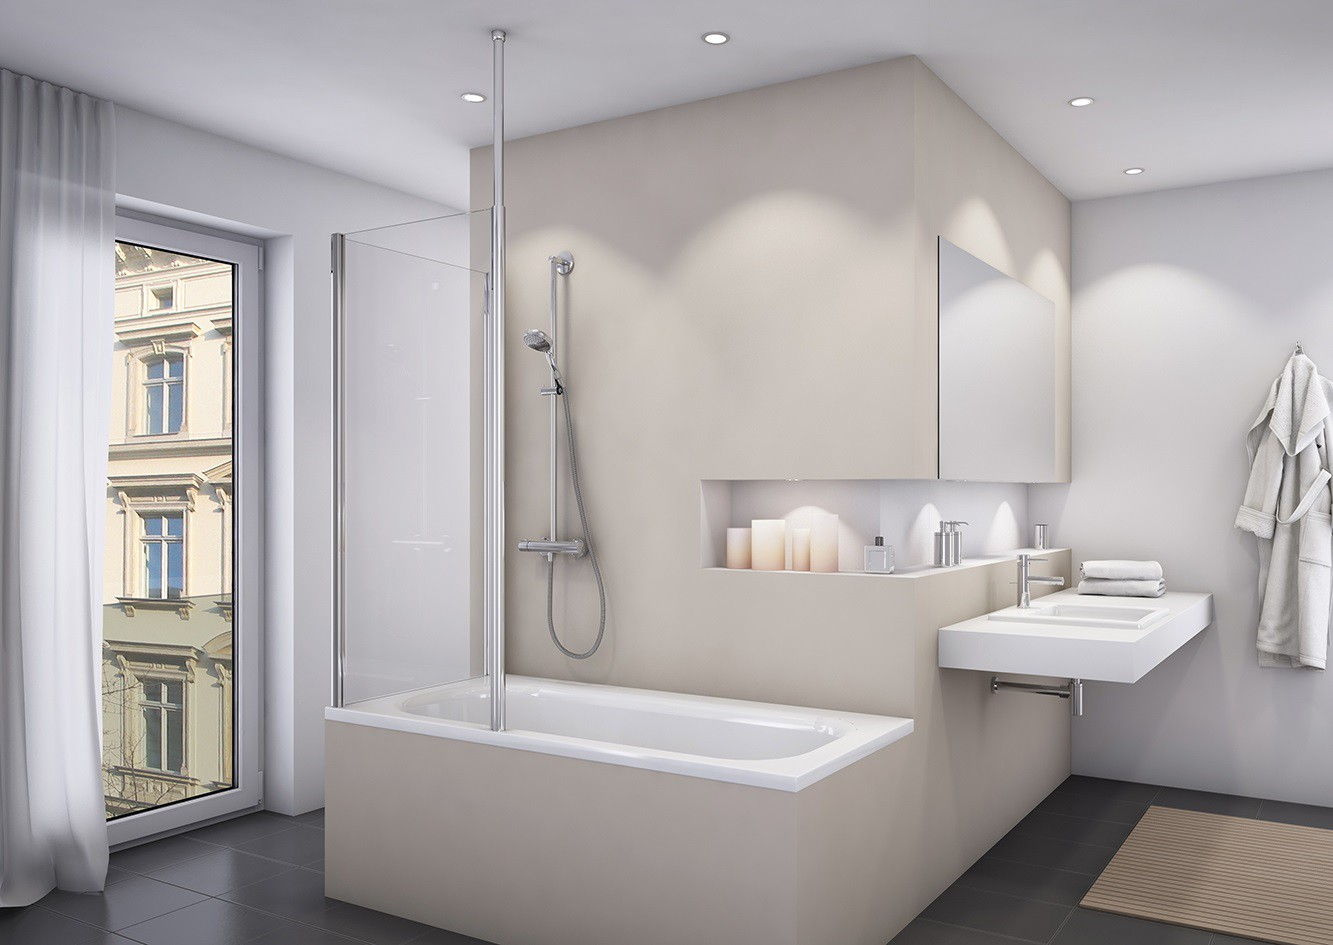 Badewannenaufsatz mit seitenwand duschwand feststehend 1 for Bad design heizung